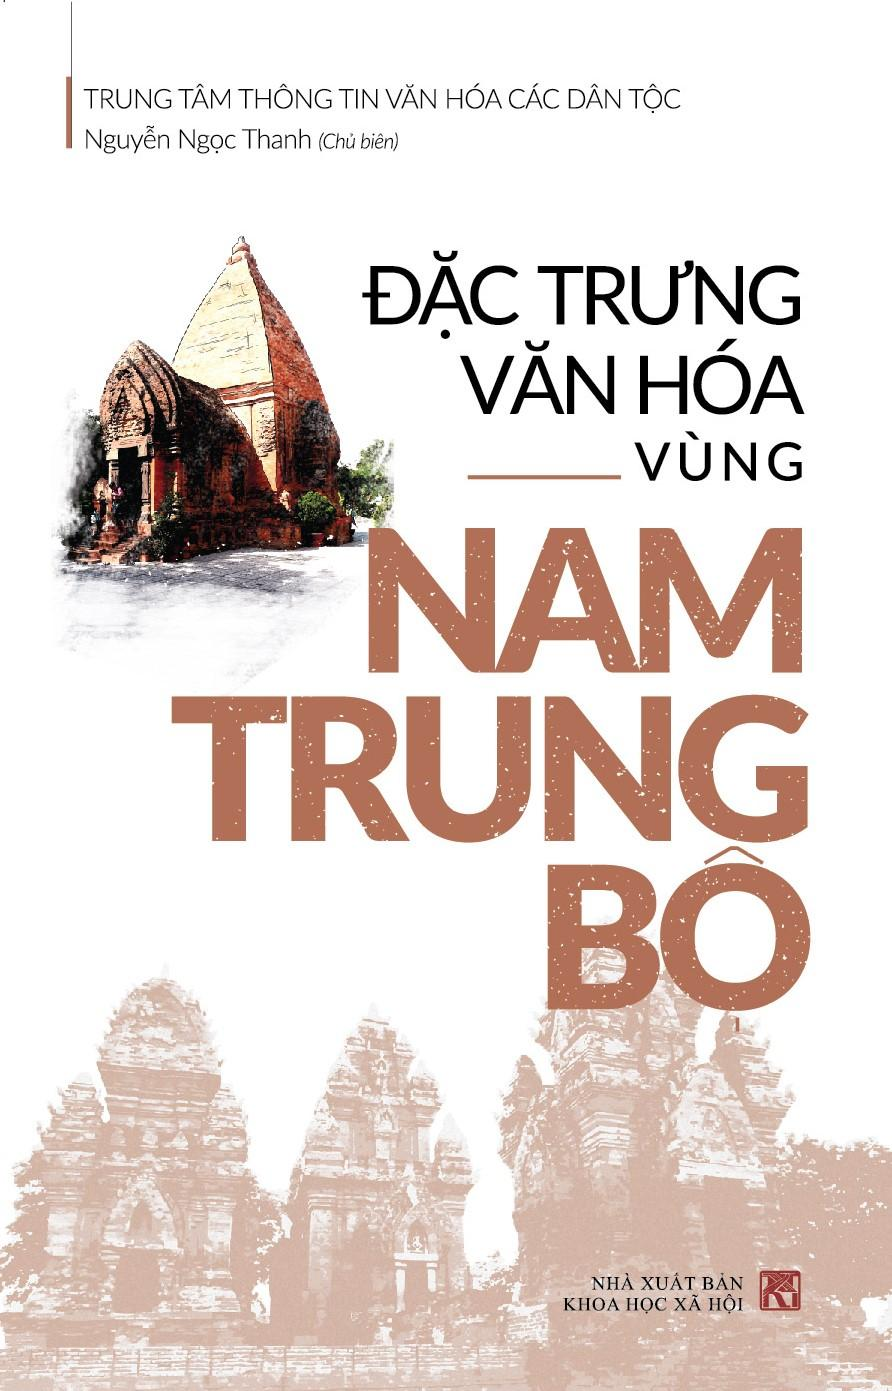 Mua Đặc Trưng Văn Hóa Vùng Nam Trung Bộ